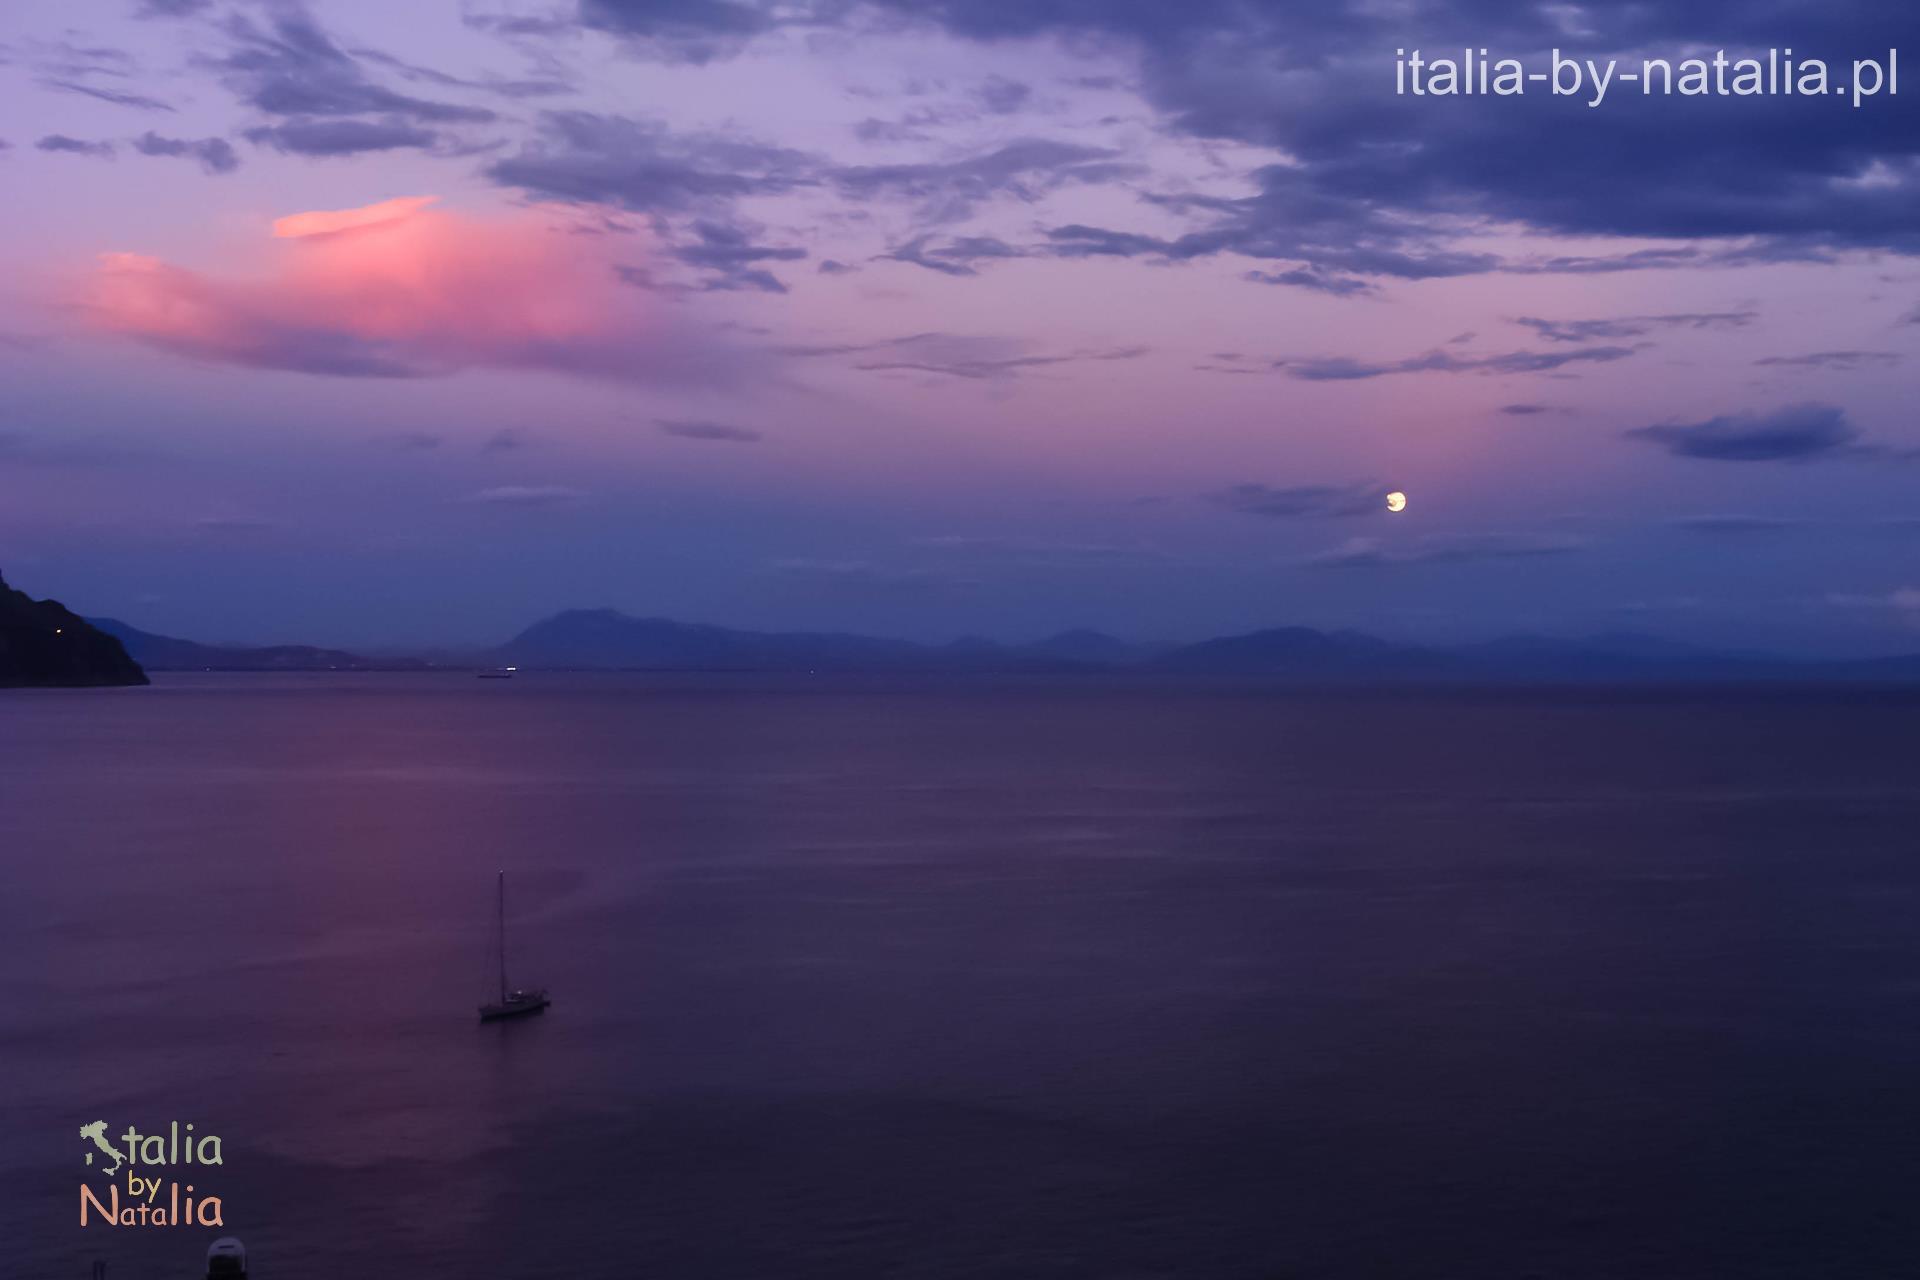 Hotel Il Nido Amalfi Włochy Italy